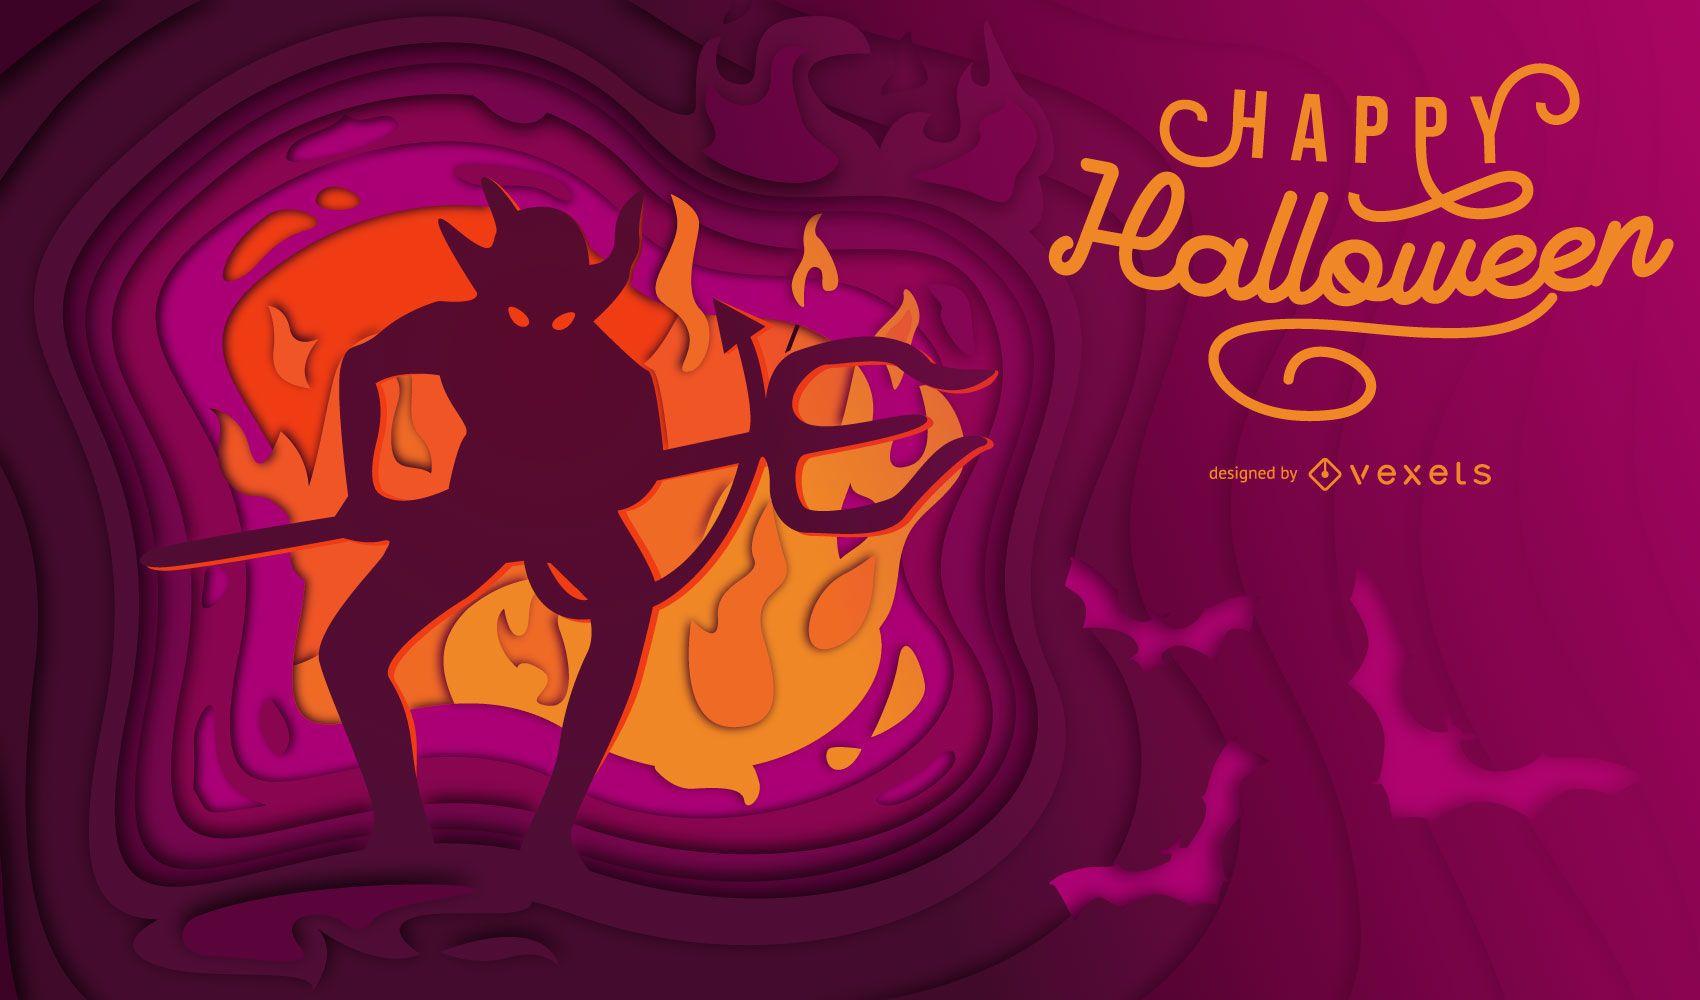 Ilustração do Dia das Bruxas com corte de papel do diabo